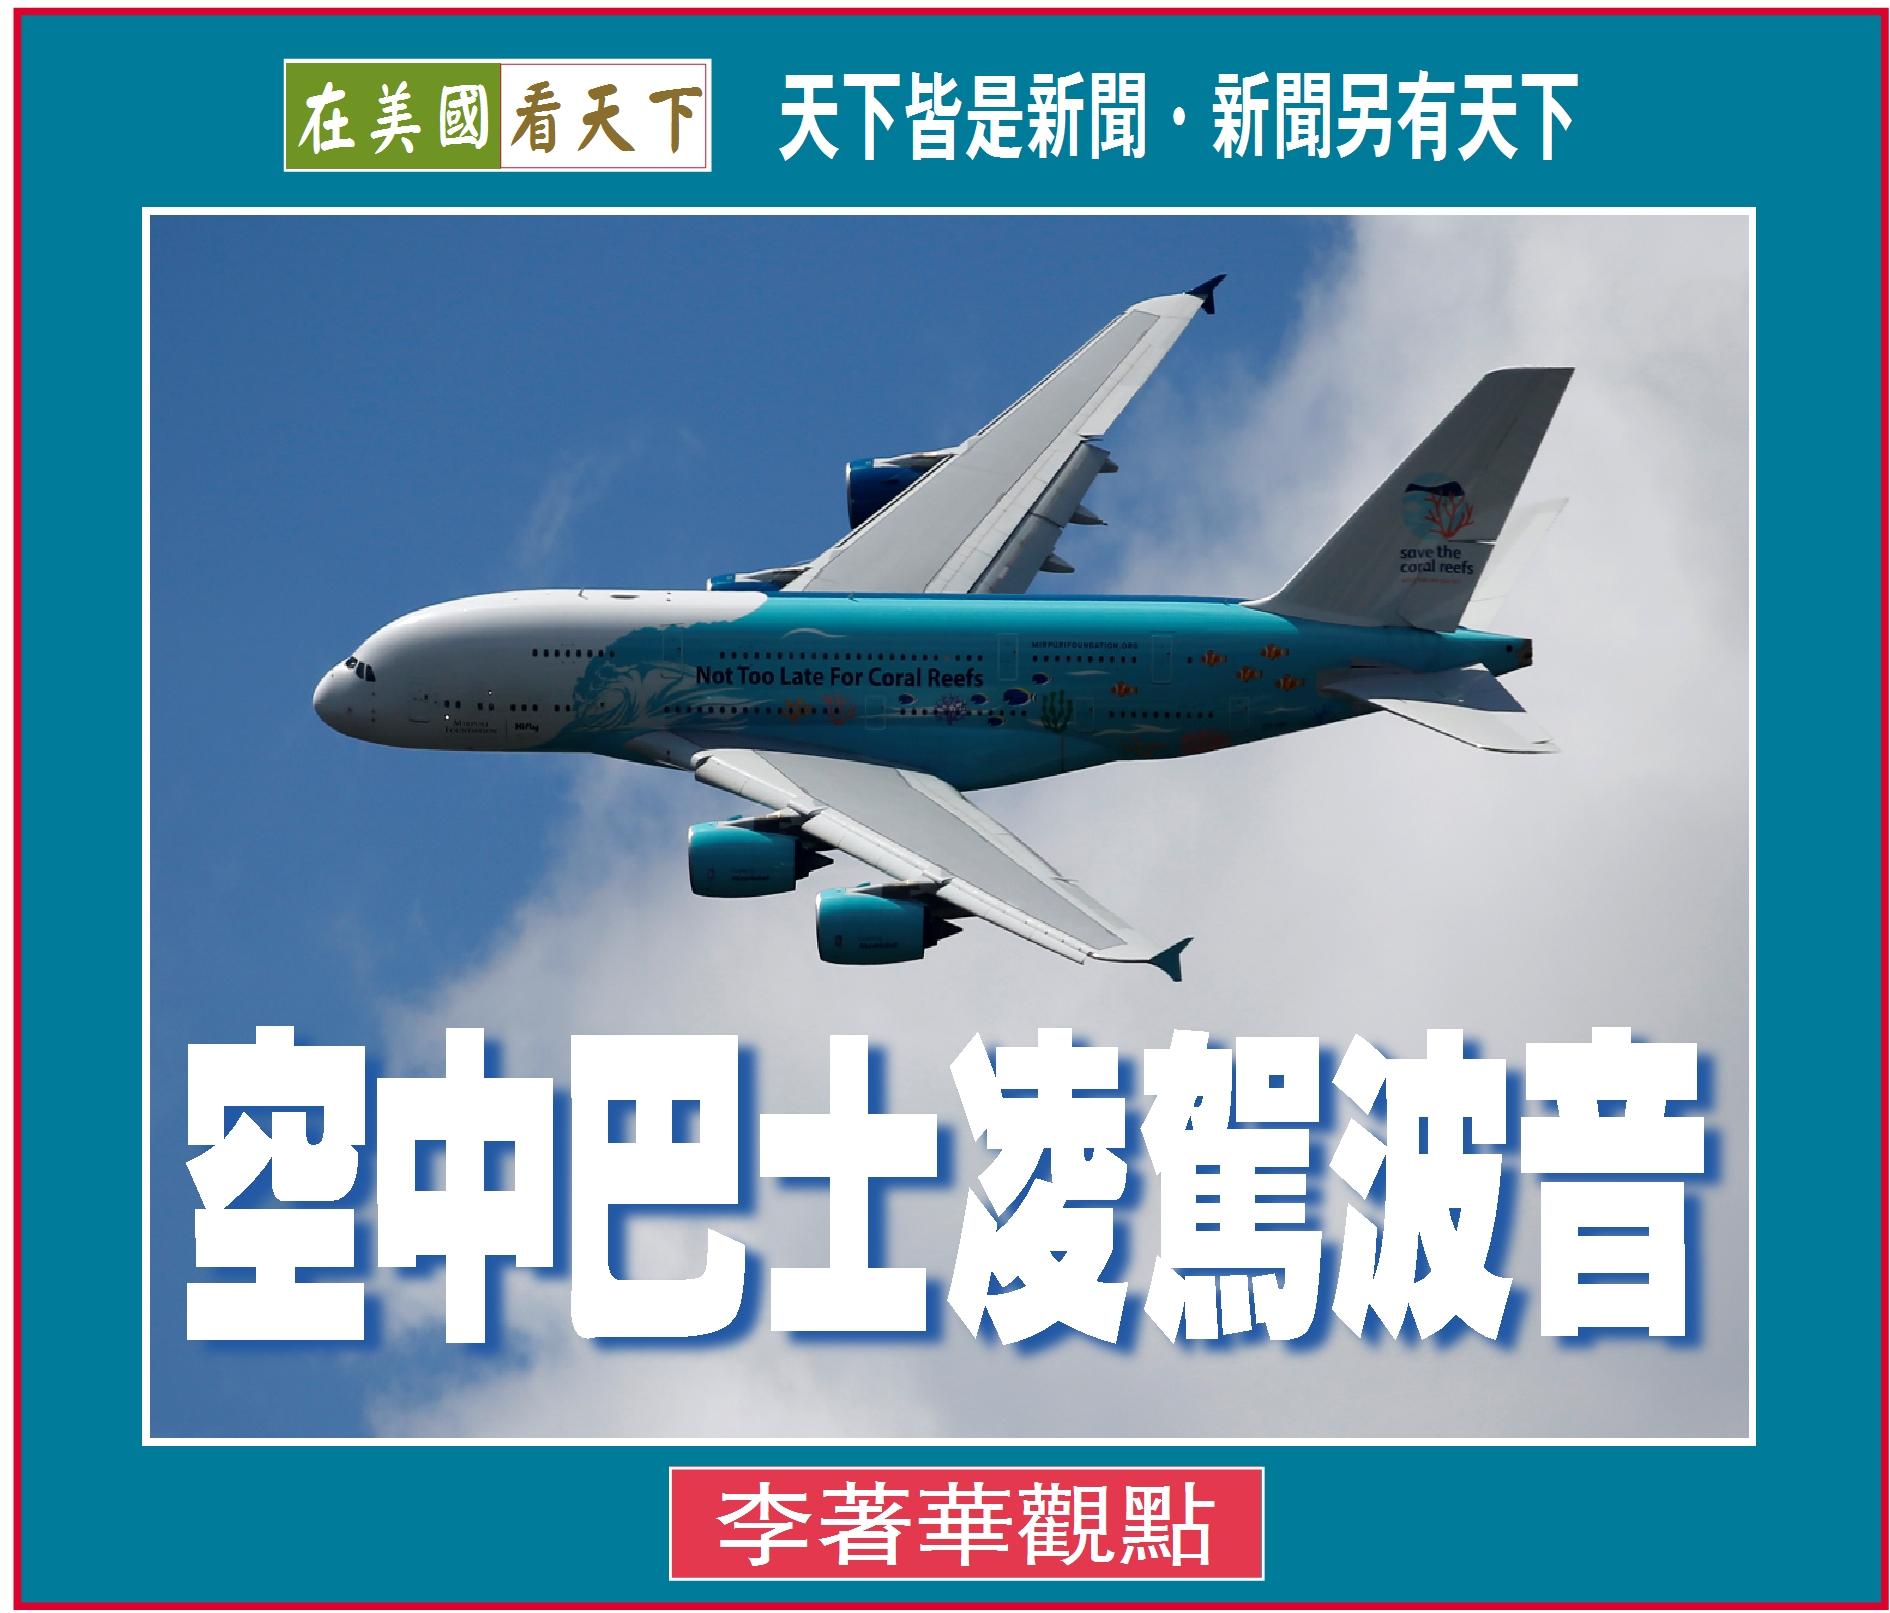 071519-空中巴士凌駕波音-1.jpg